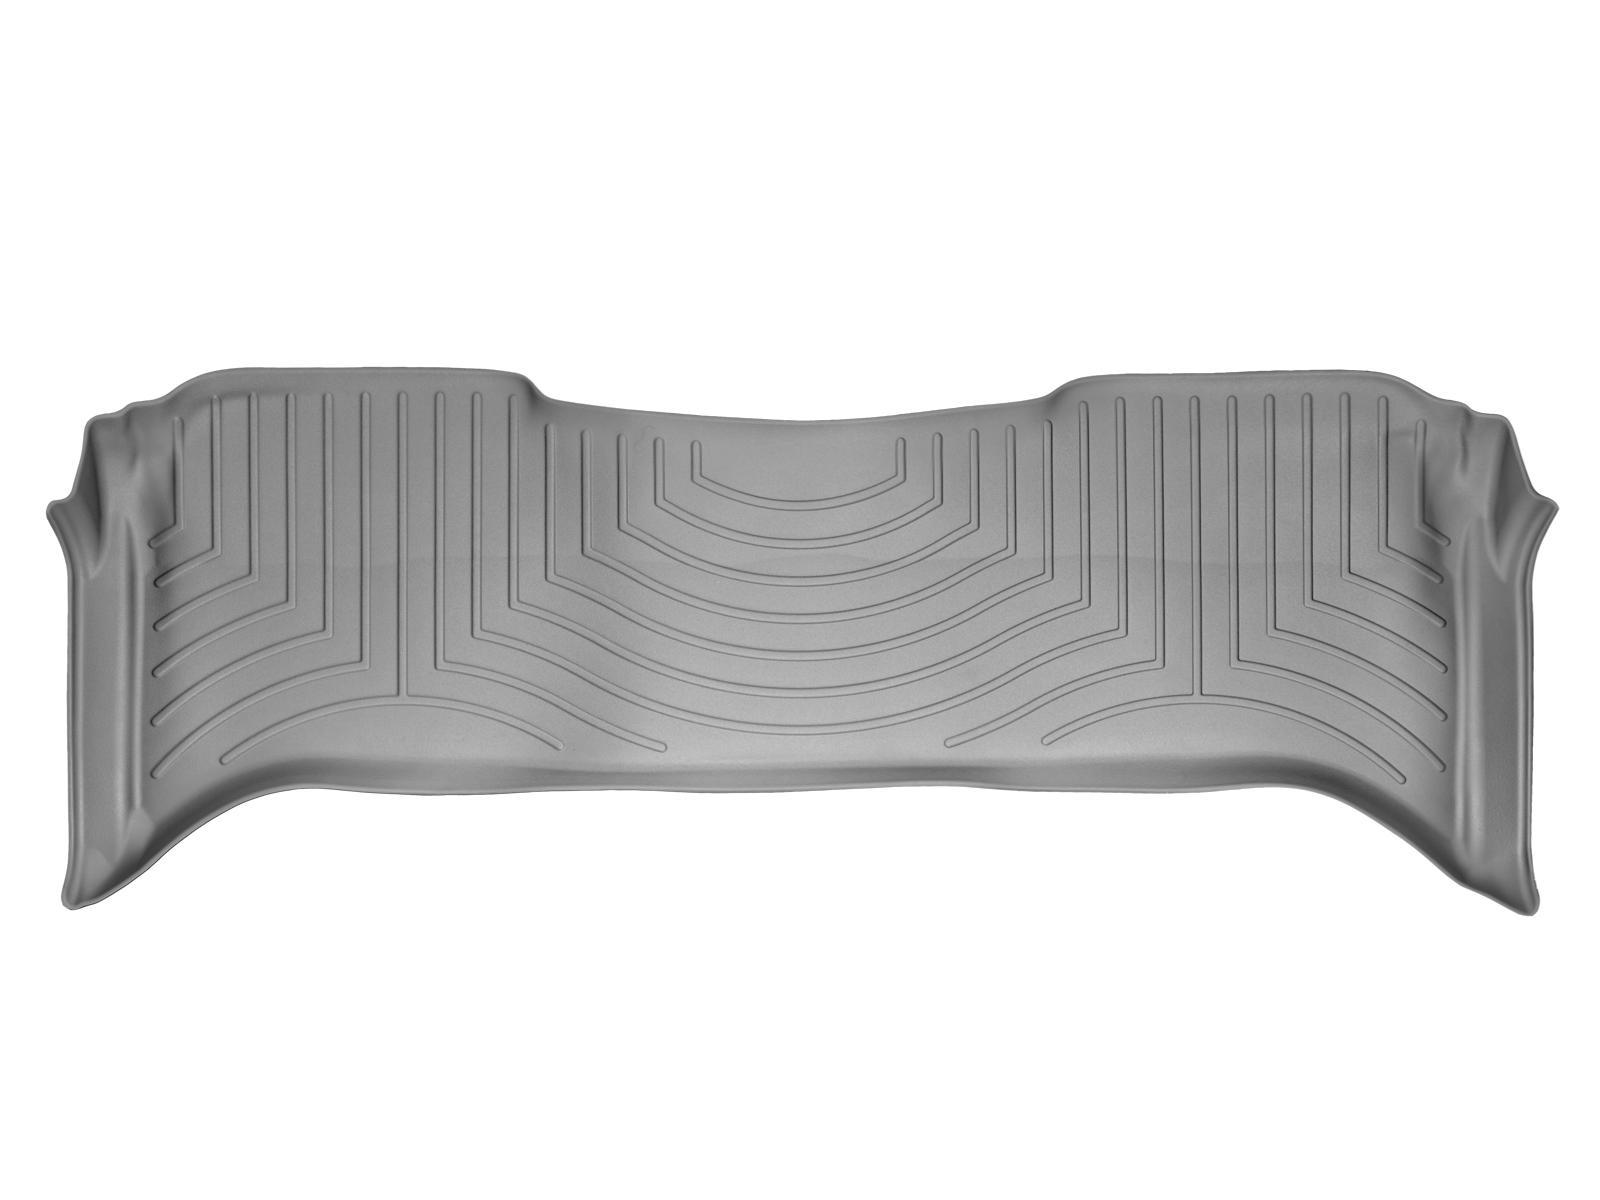 Tappeti gomma su misura bordo alto Land Rover 03>06 Grigio A1894*